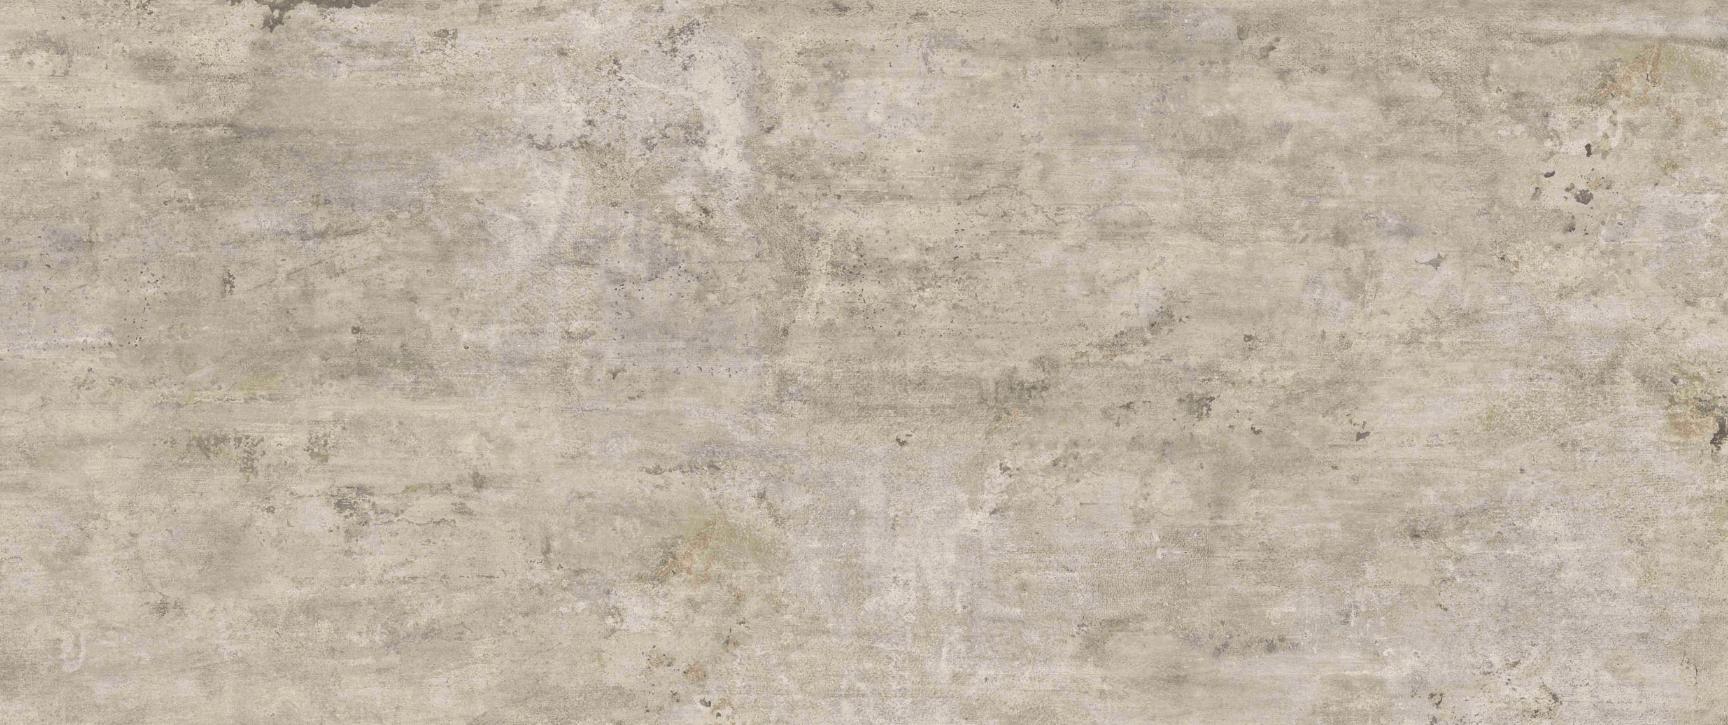 ConcreteTaupe